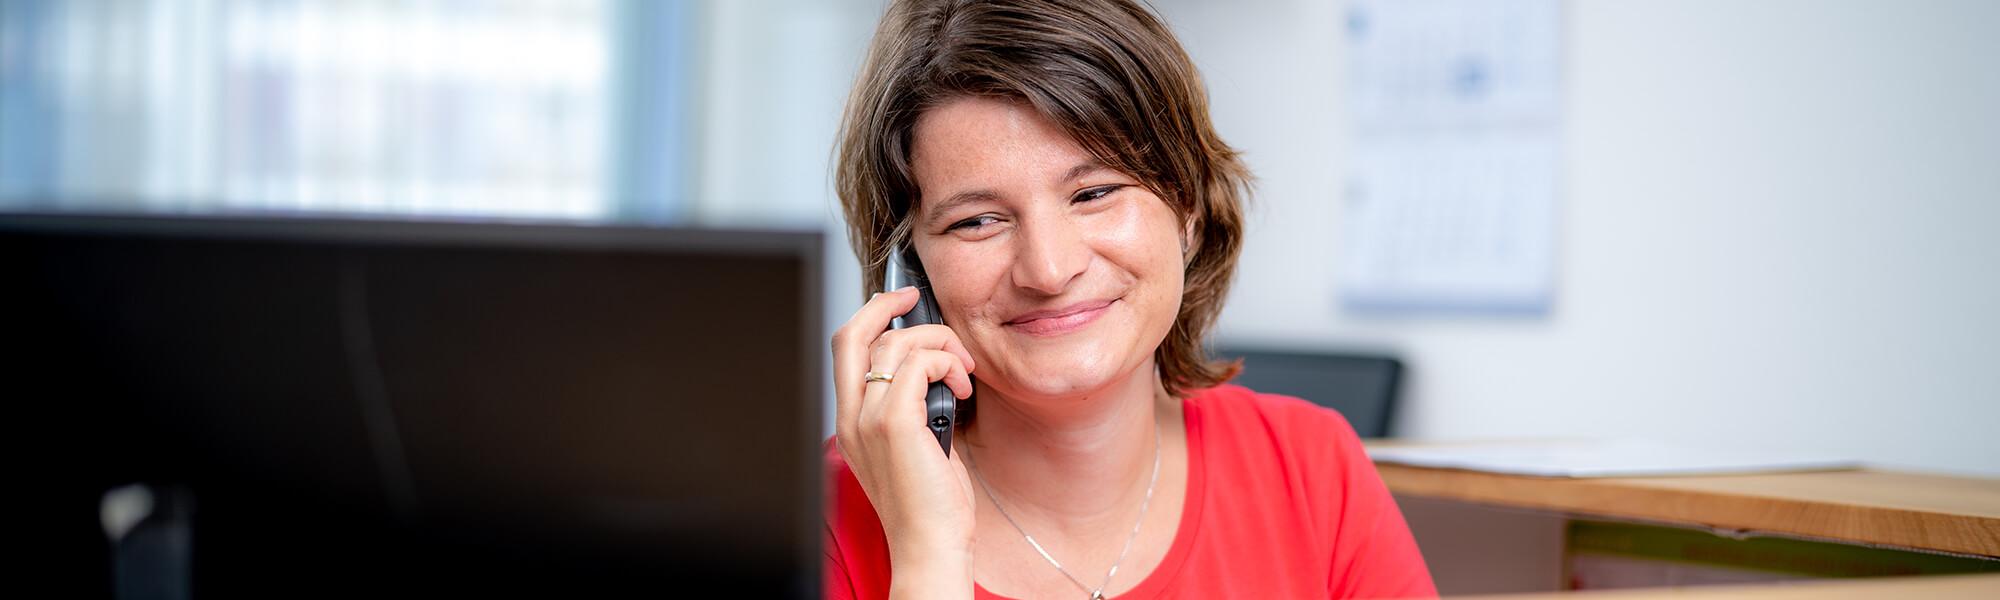 Frauenärztin Troisdorf - Dr. Bellinghausen - Slider Kontakt